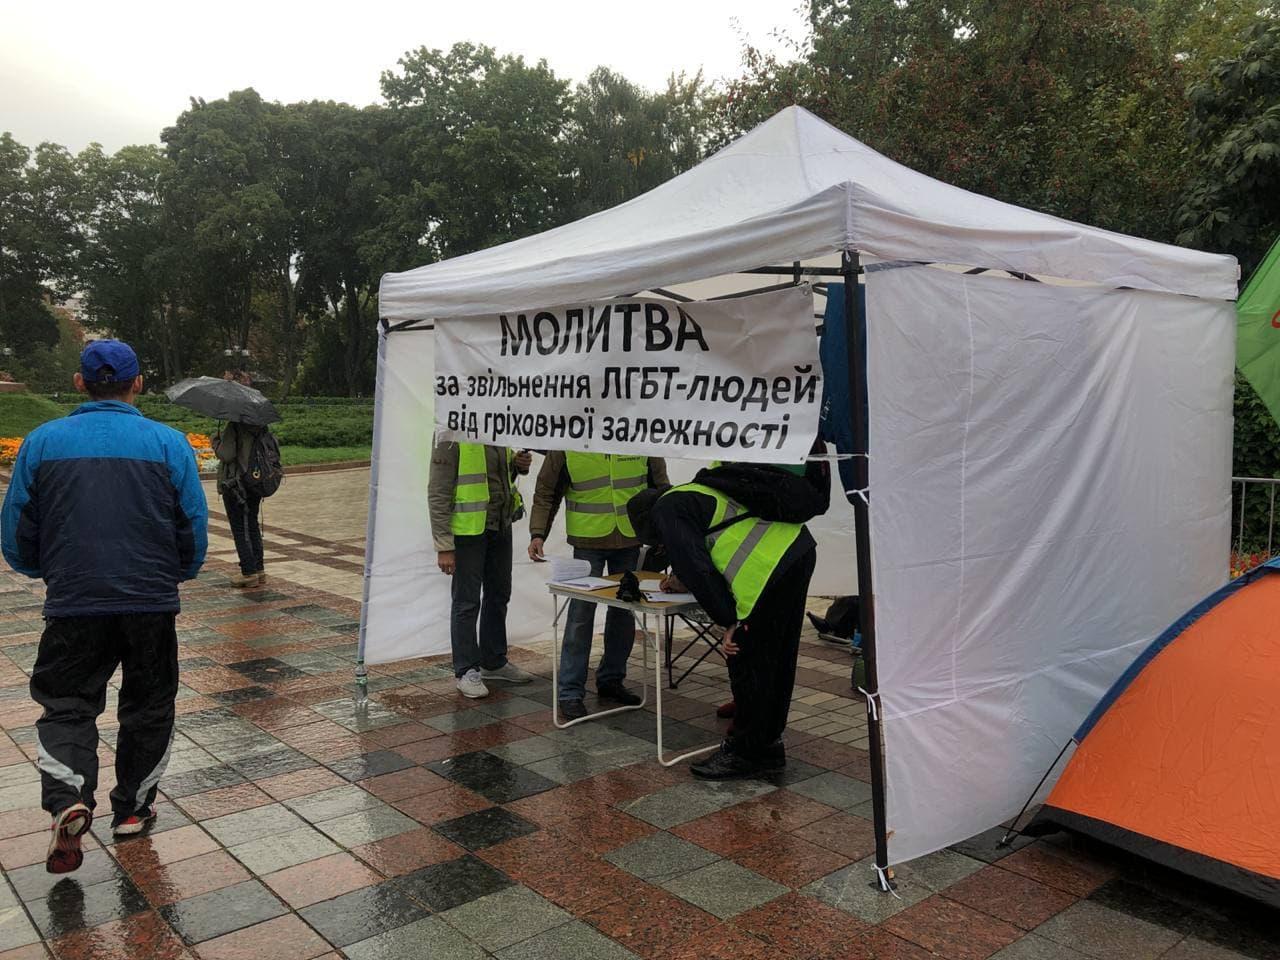 09:23 Еще одни противники ЛГБТ – ультраправая организация `Традиция и порядок` – заявили, что сегодня будут пикетировать госучреждения в Одессе, Харькове, Львове, Житомире и Сумах.